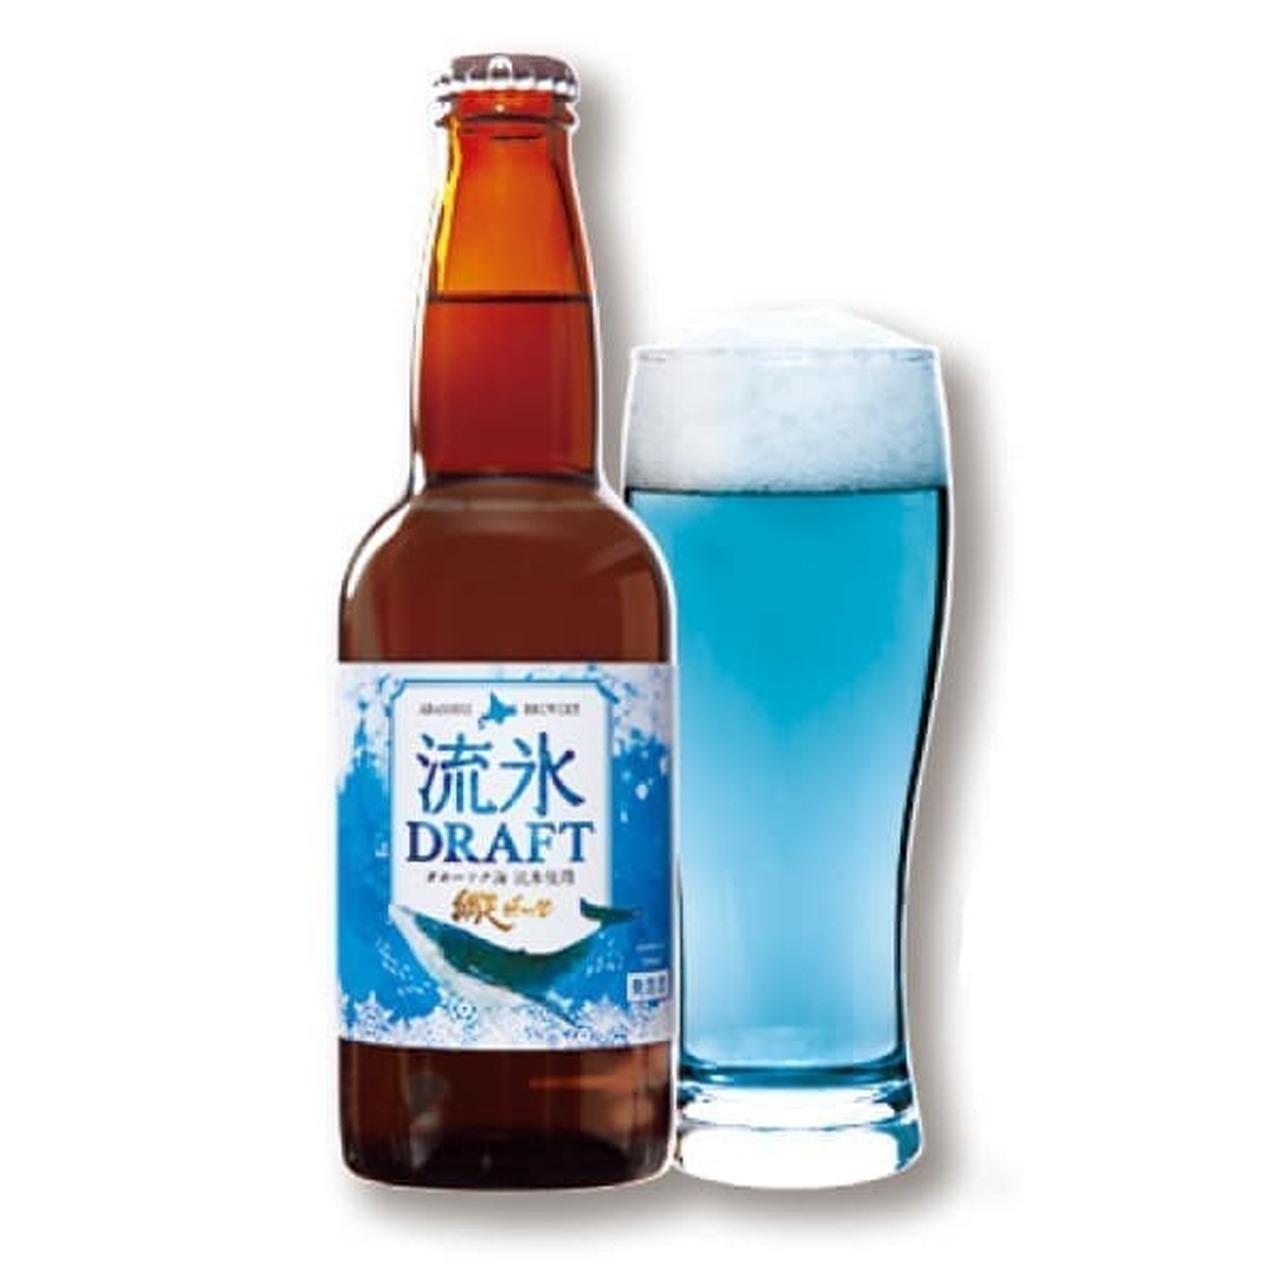 網走ビール 流氷ドラフト 330ml